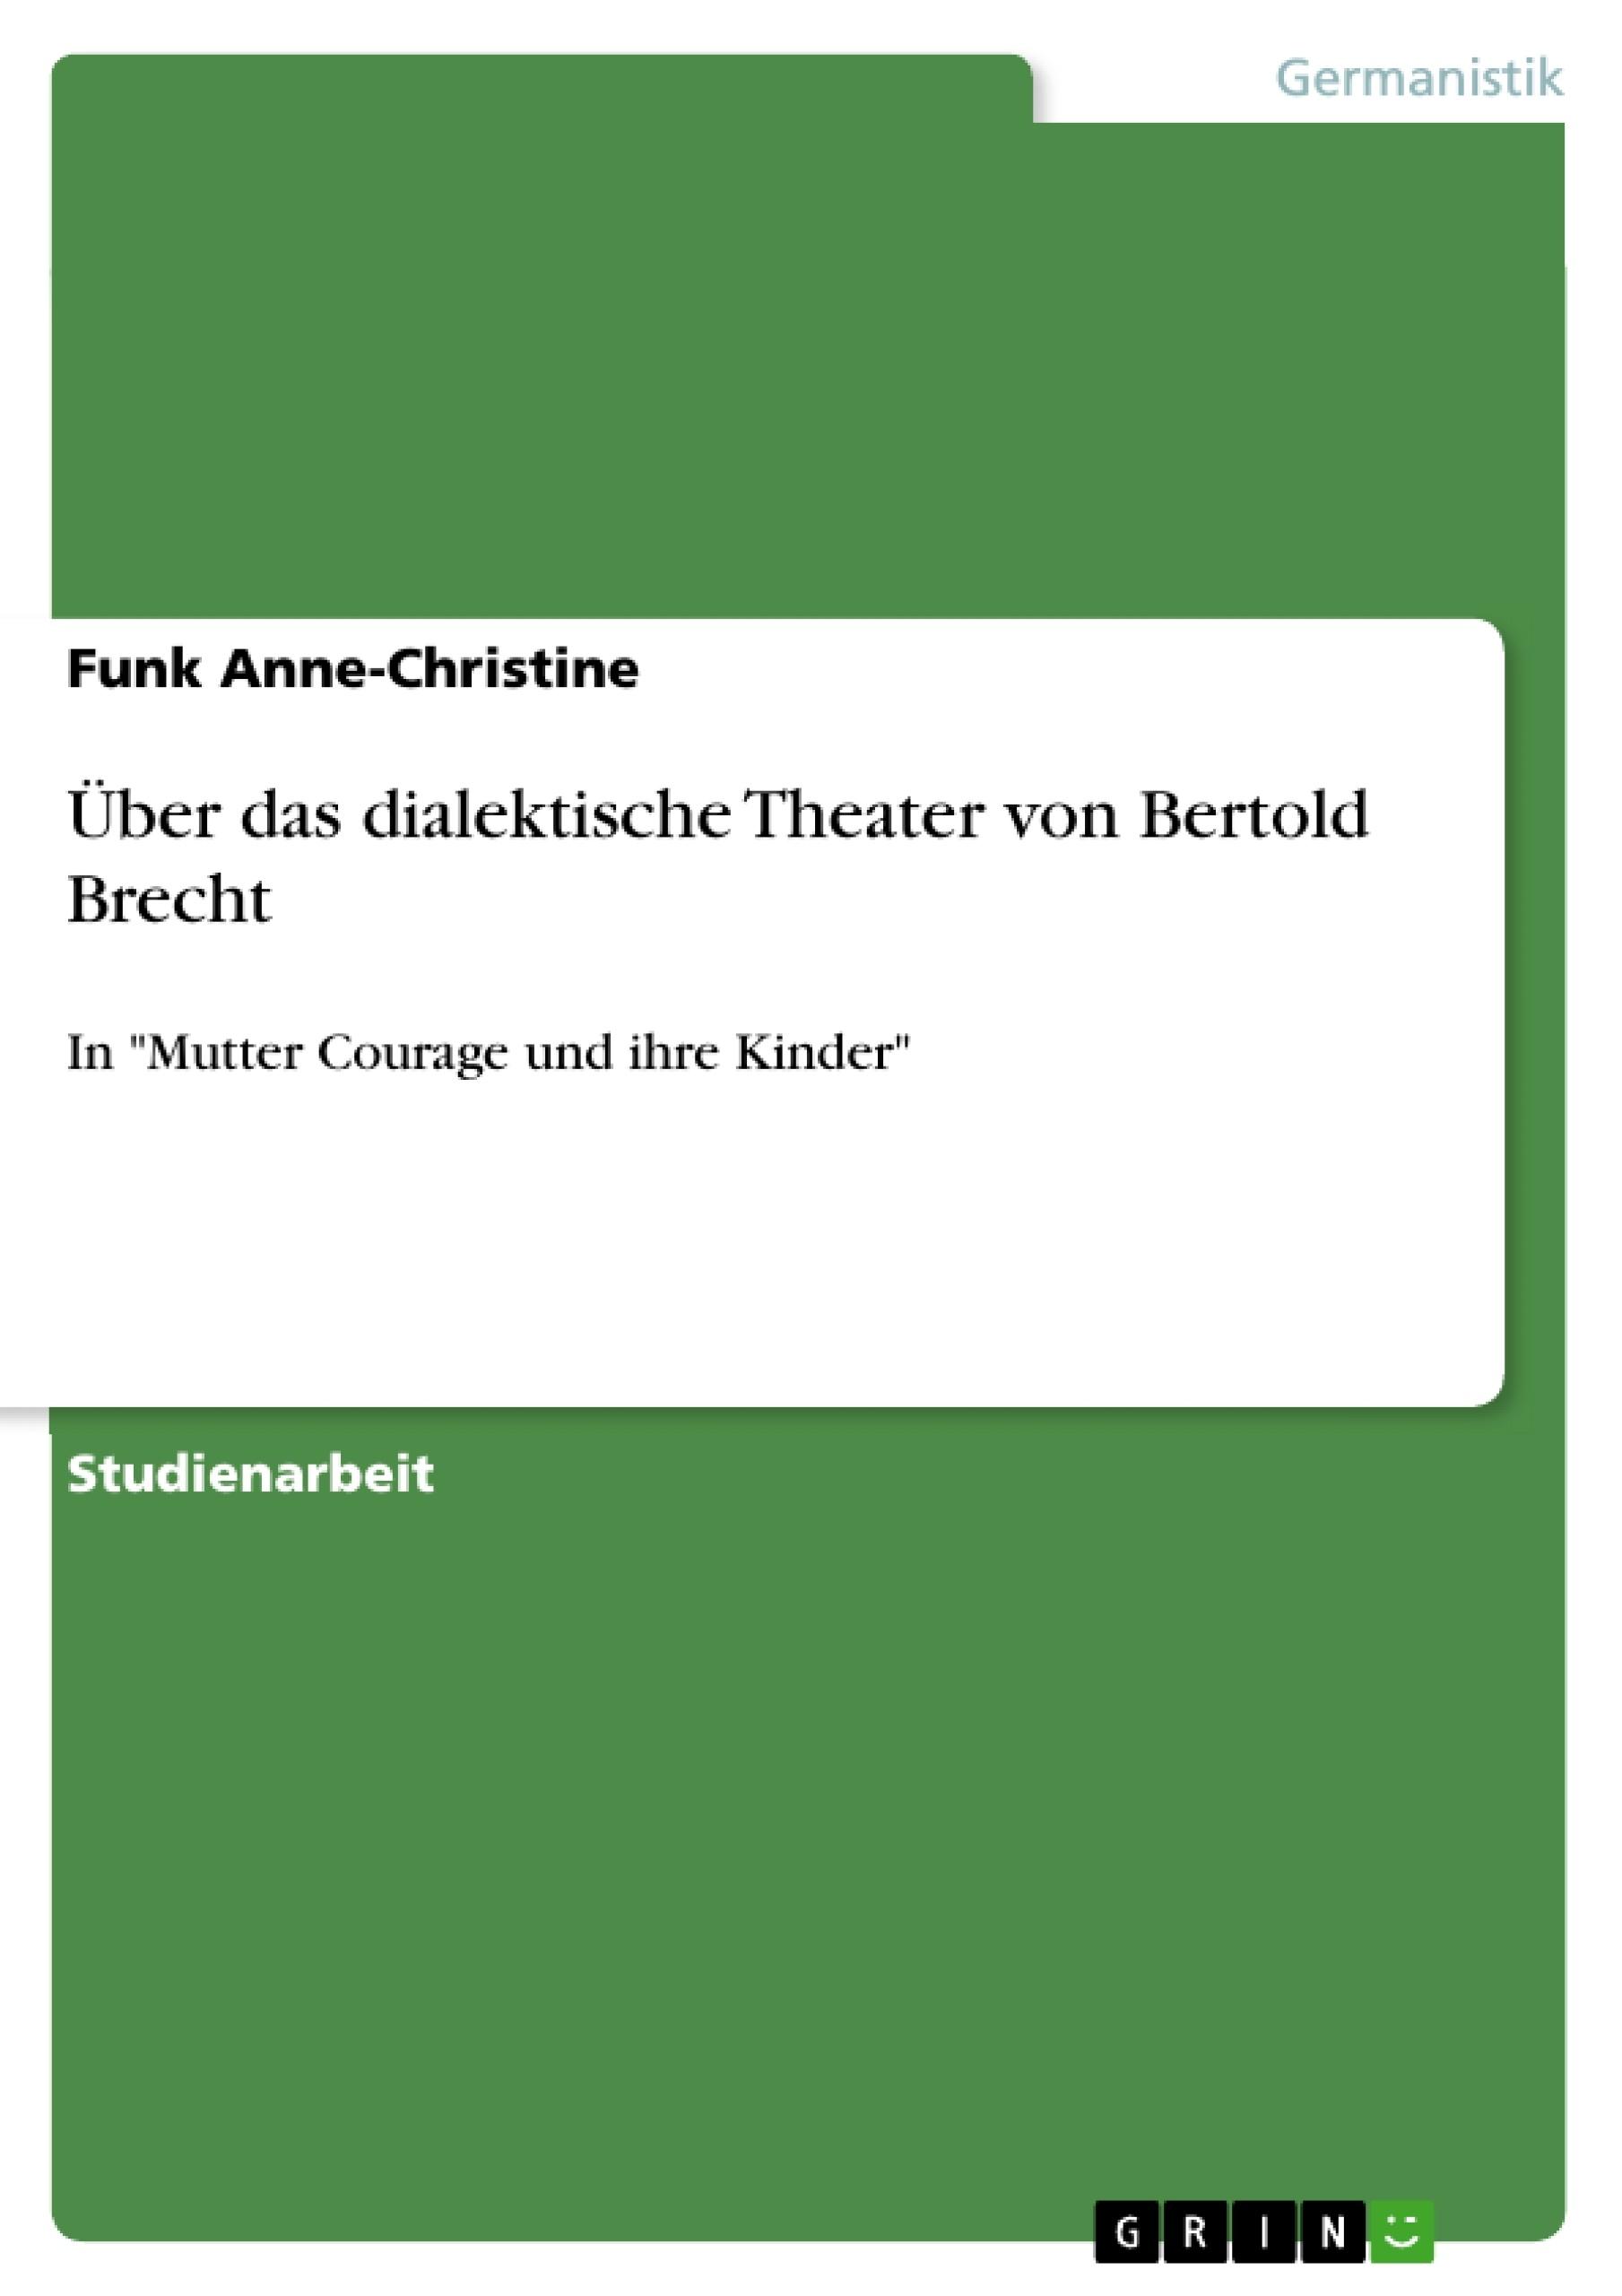 Titel: Über das dialektische Theater von Bertold Brecht